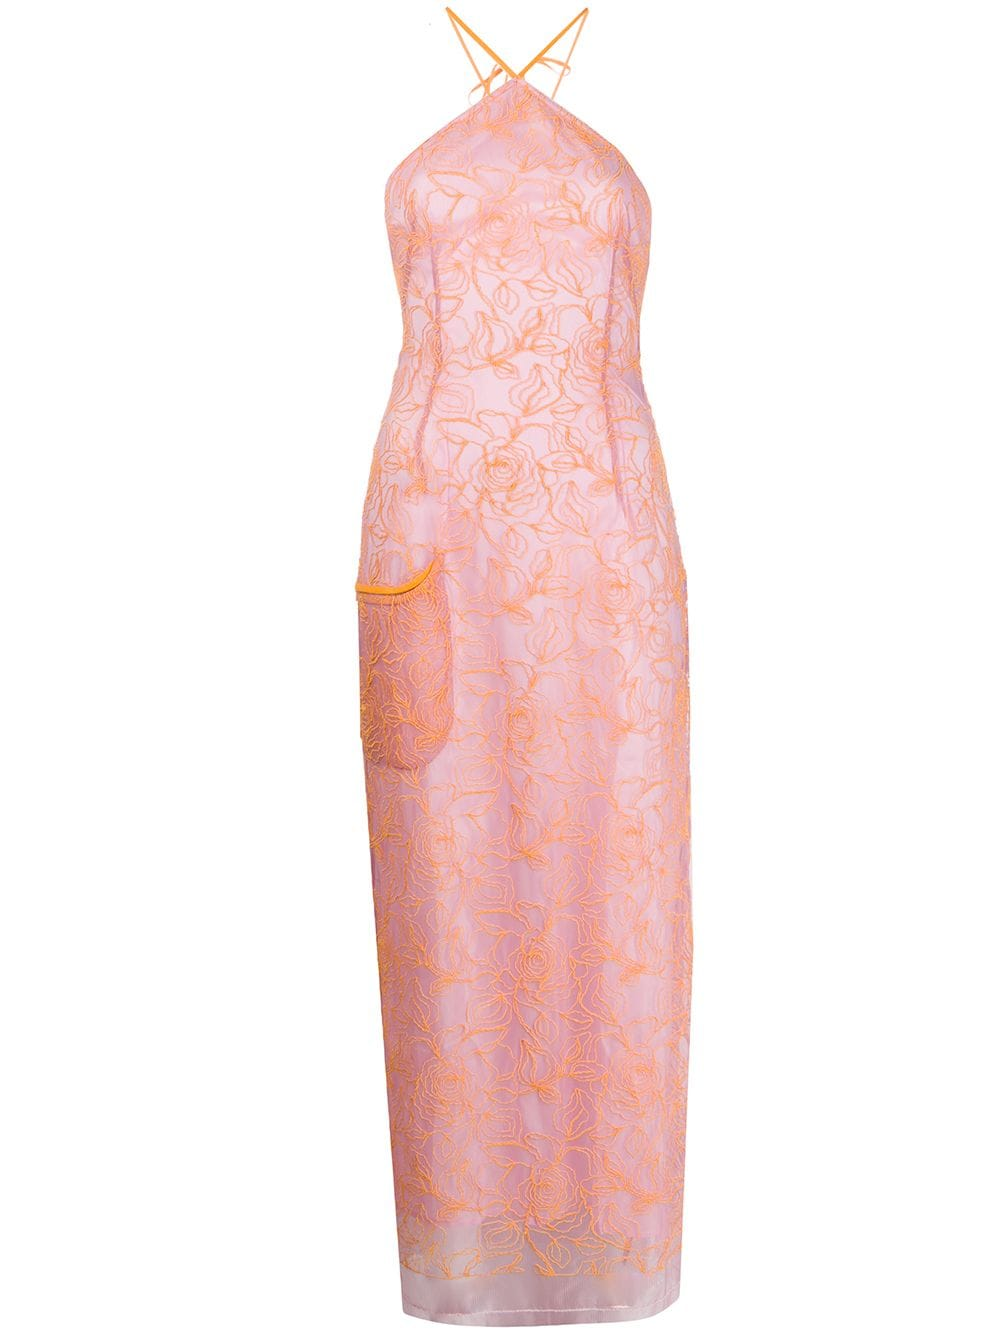 Lavandou pink and orange long dress Jacquemus |  | 201DR2327754